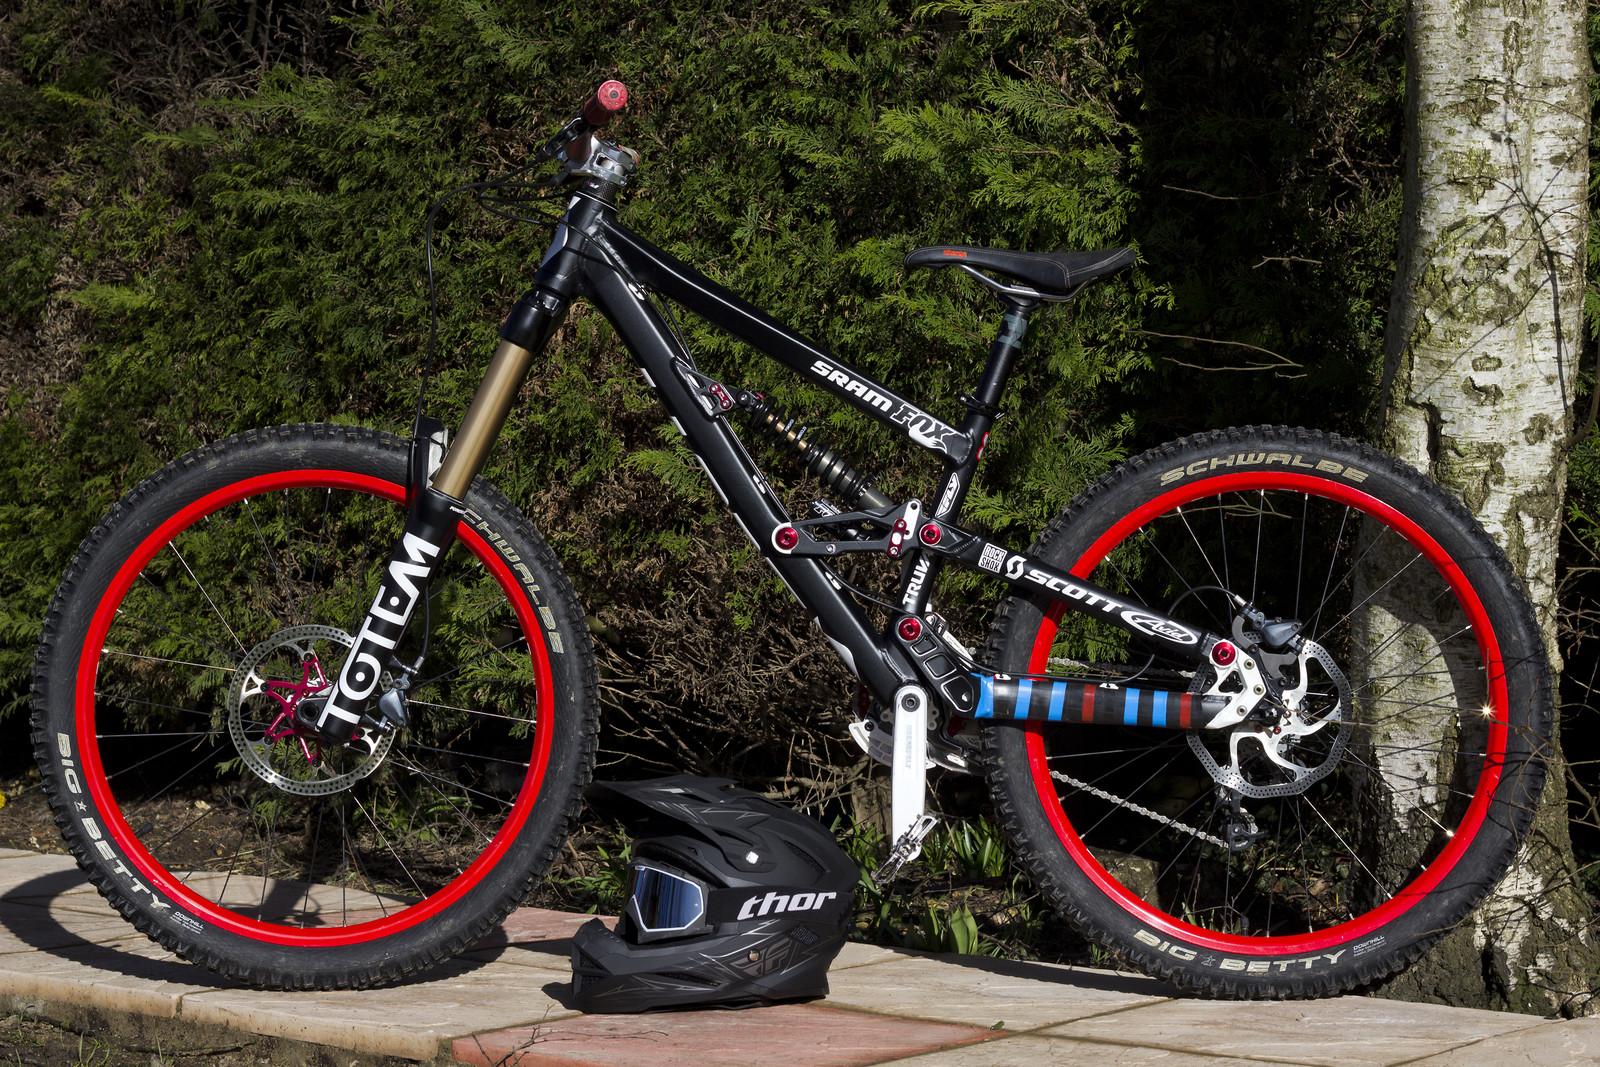 scott voltage fr pikls94 39 s bike check vital mtb. Black Bedroom Furniture Sets. Home Design Ideas